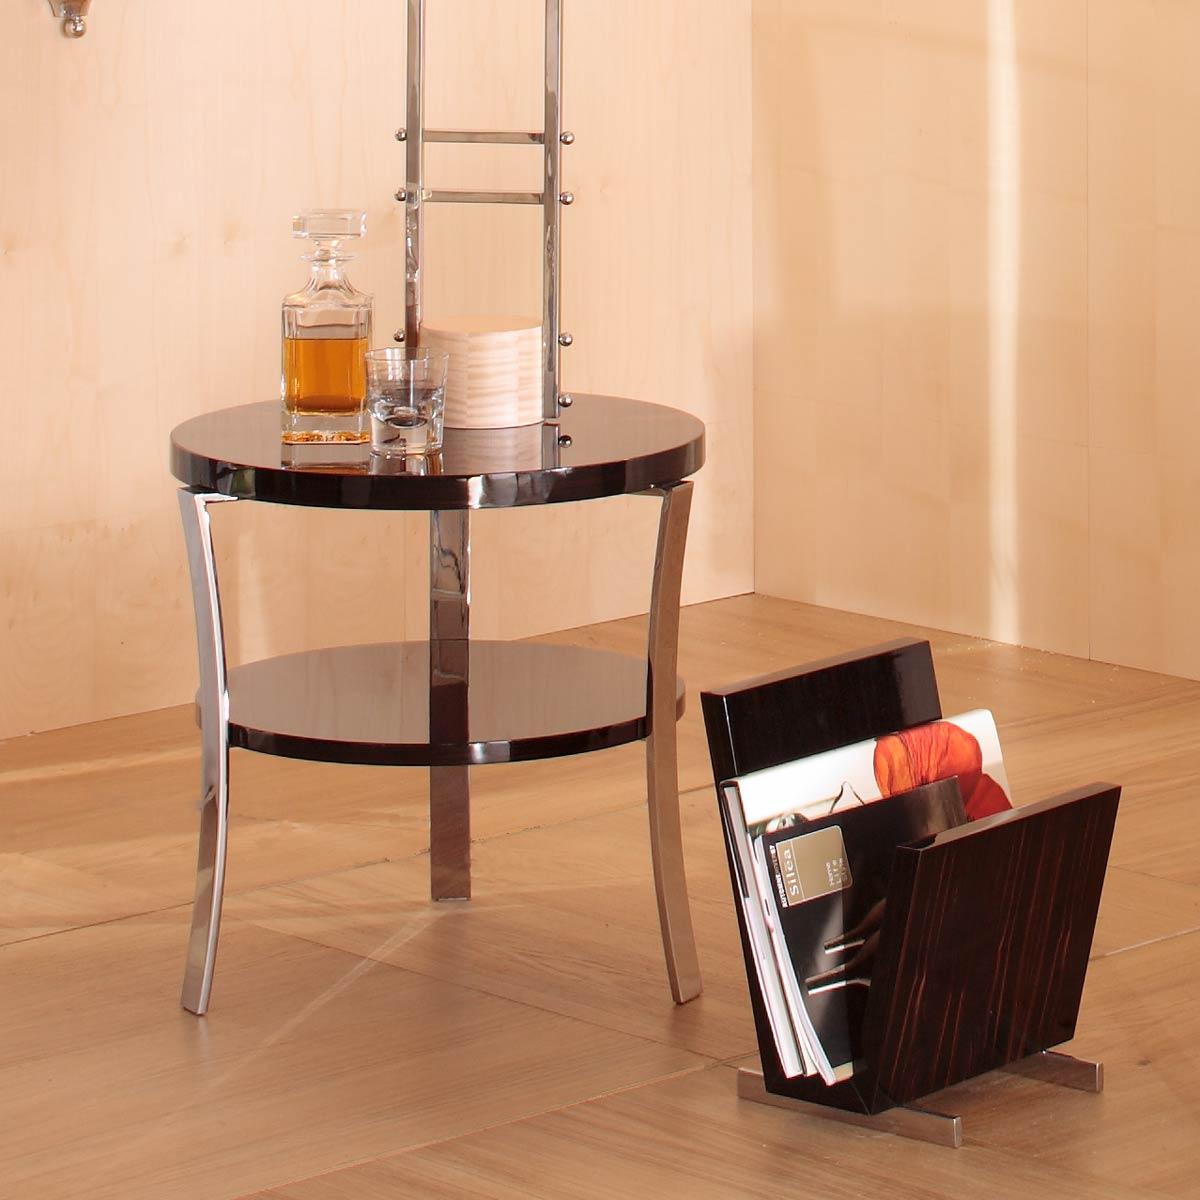 gu ridon cl ment mobilier art d co paris agencement xavier g lineau. Black Bedroom Furniture Sets. Home Design Ideas